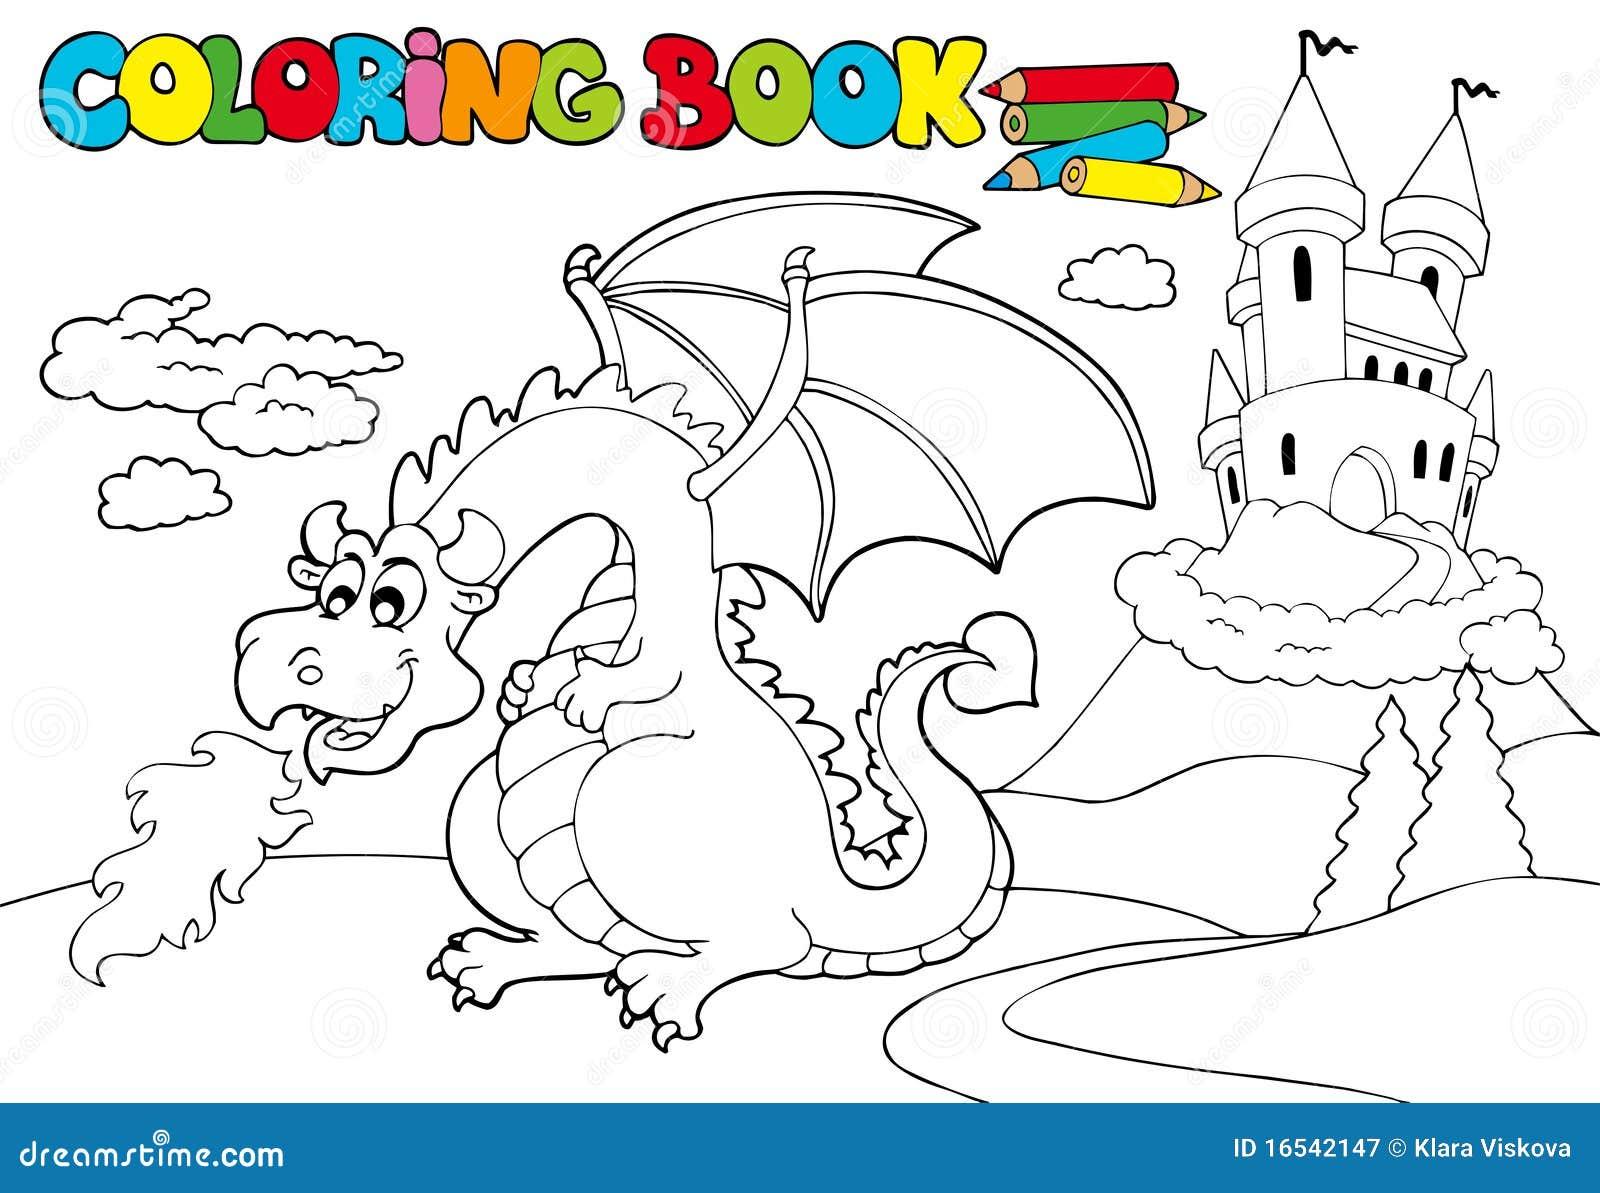 3 kolorystyka duży książkowy smok